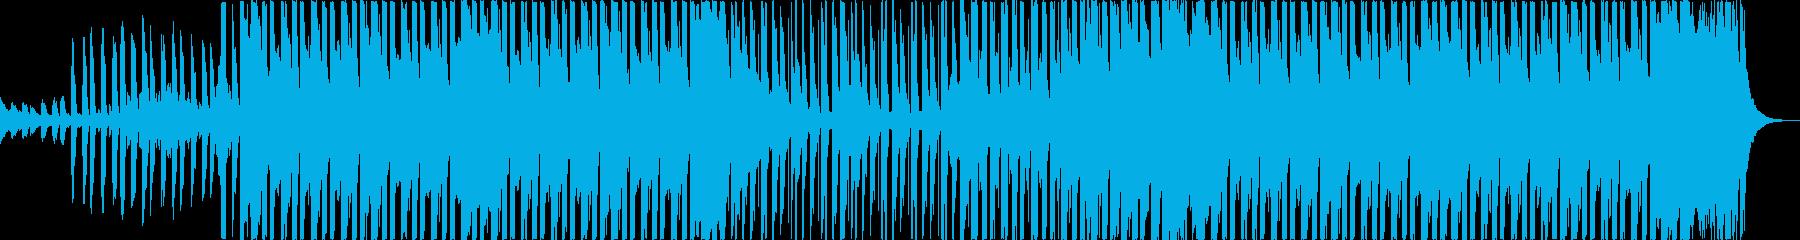 おしゃれ洋楽トラップヒップホップレゲエbの再生済みの波形